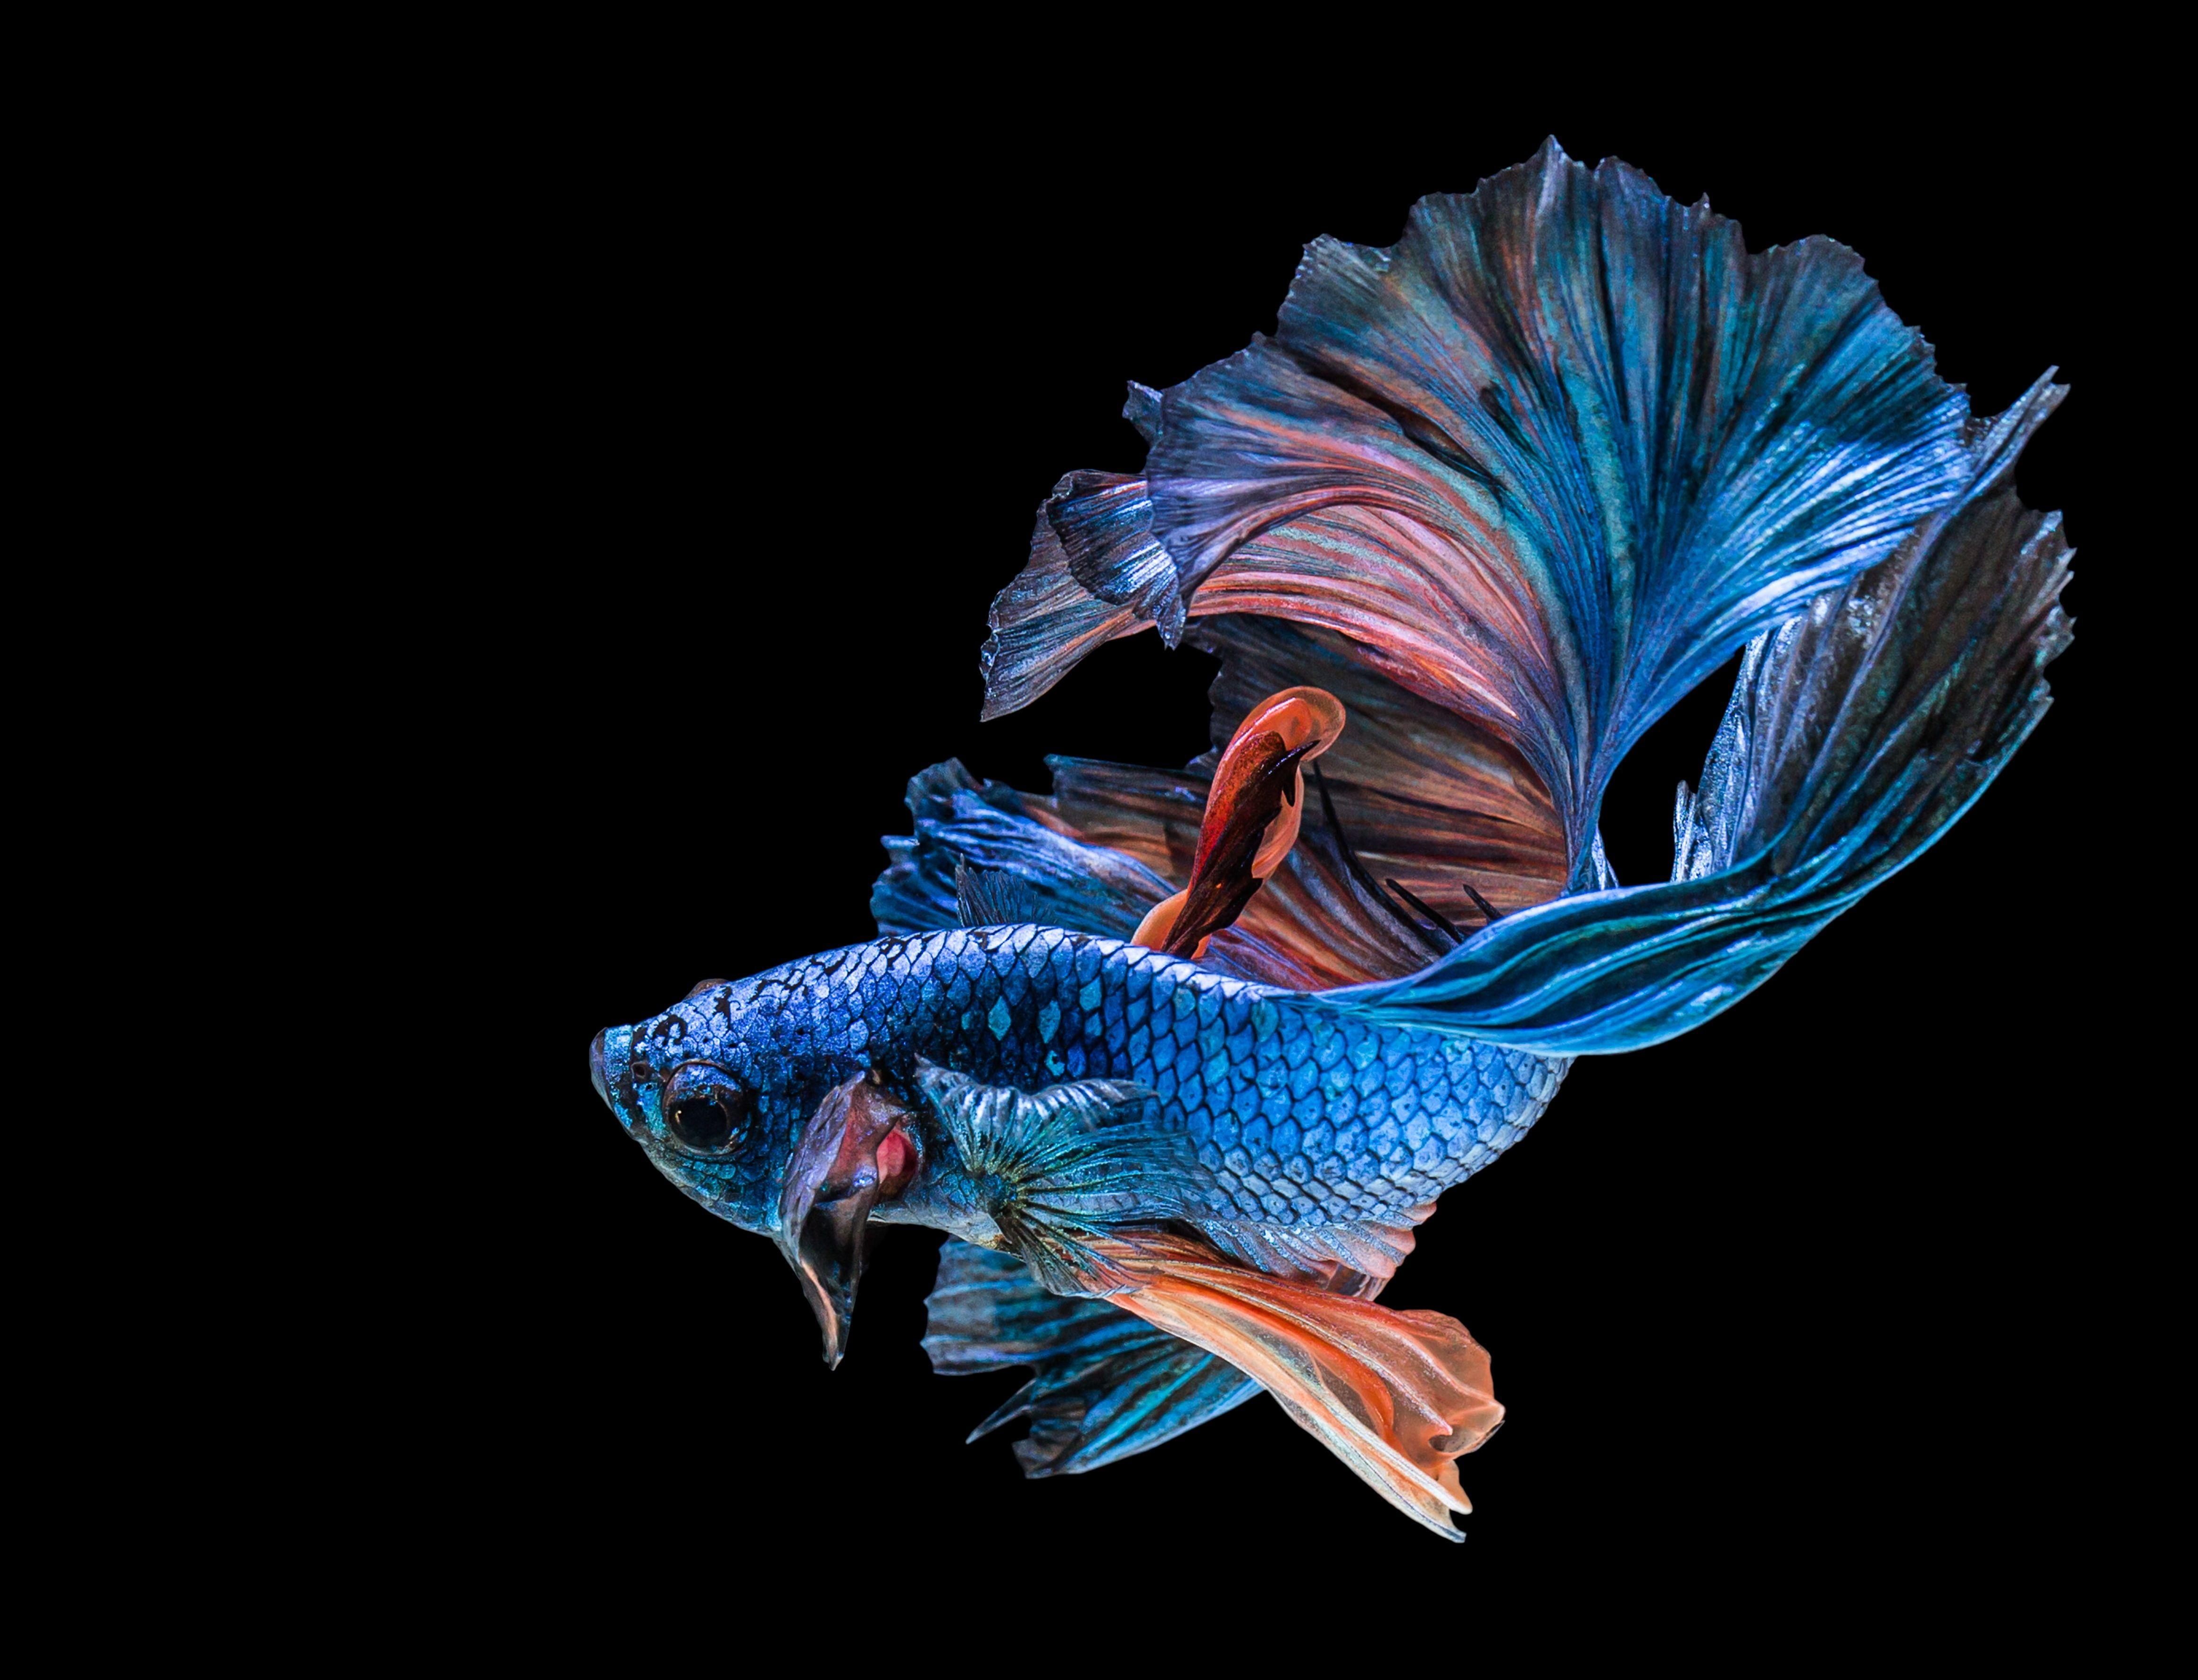 Blue Betta Fish Black Blue Fish 4k Wallpaper Hdwallpaper Desktop Betta Fish Betta Siamese Fighting Fish